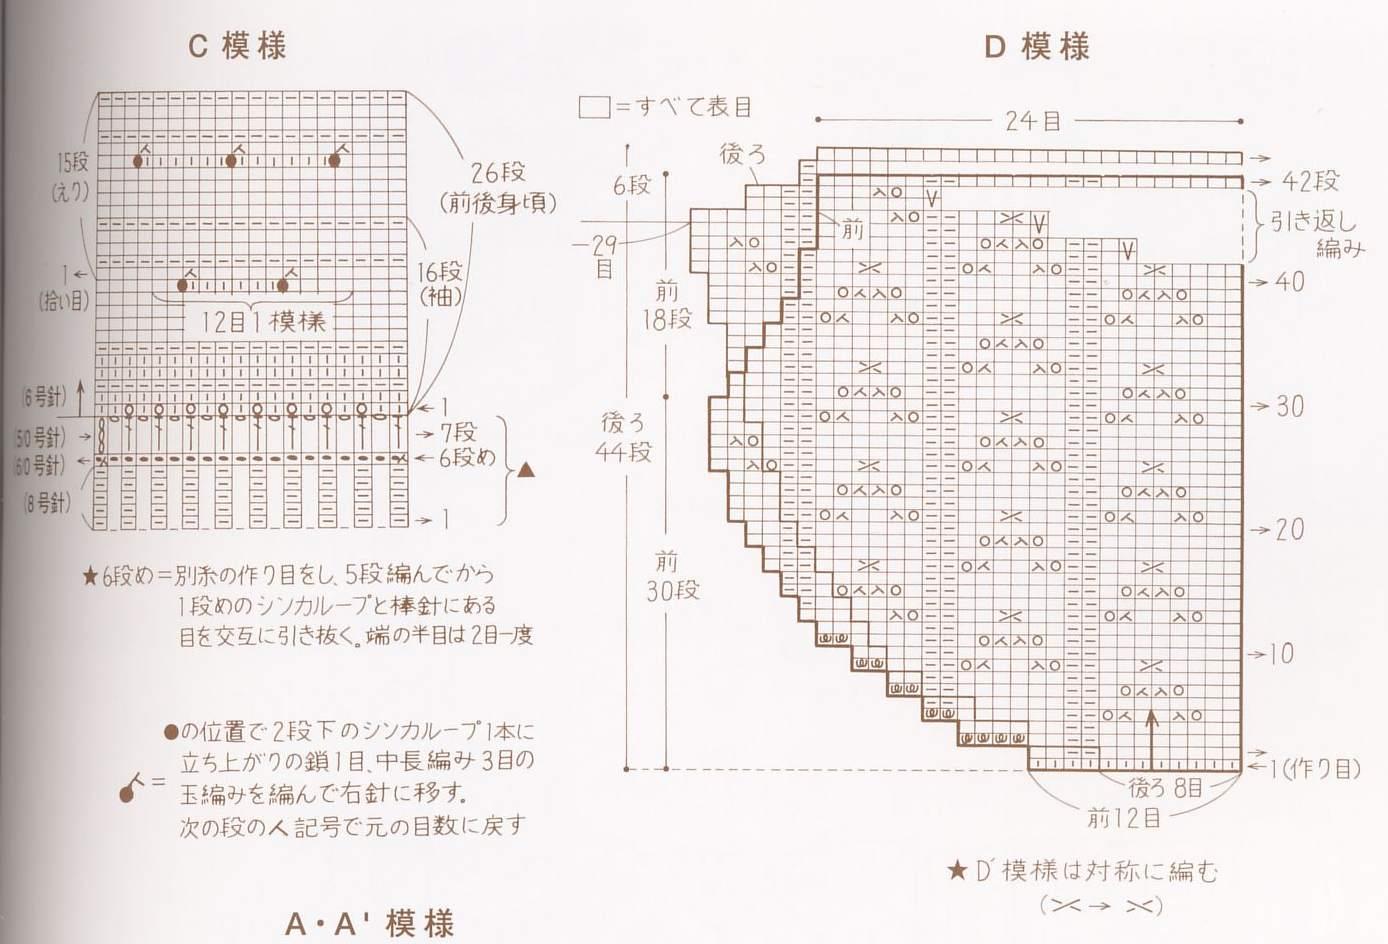 expl-015.jpg